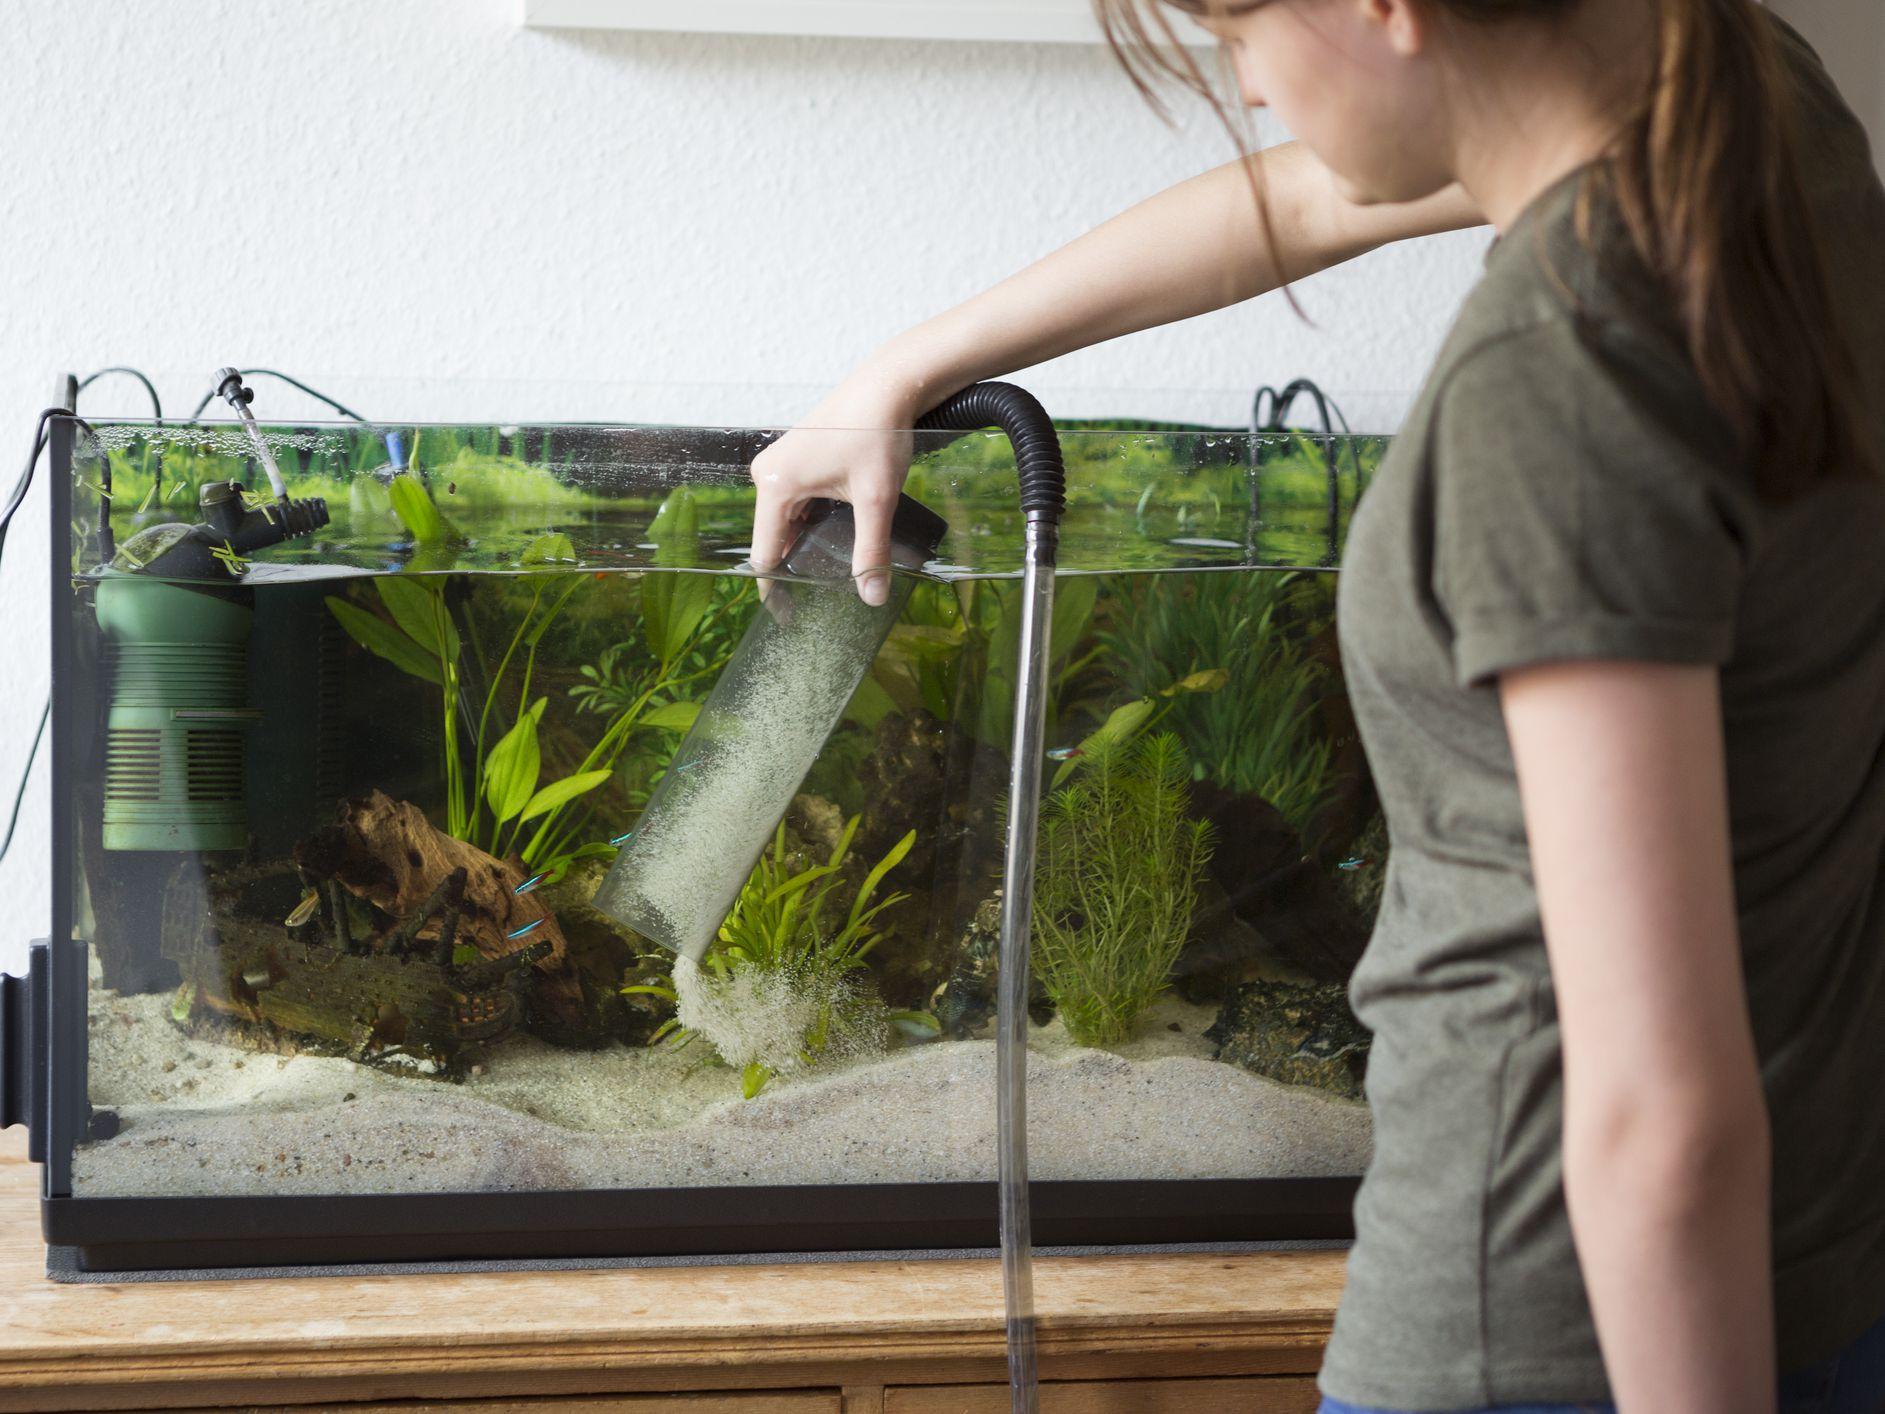 Should You Vacuum Your Aquarium Gravel